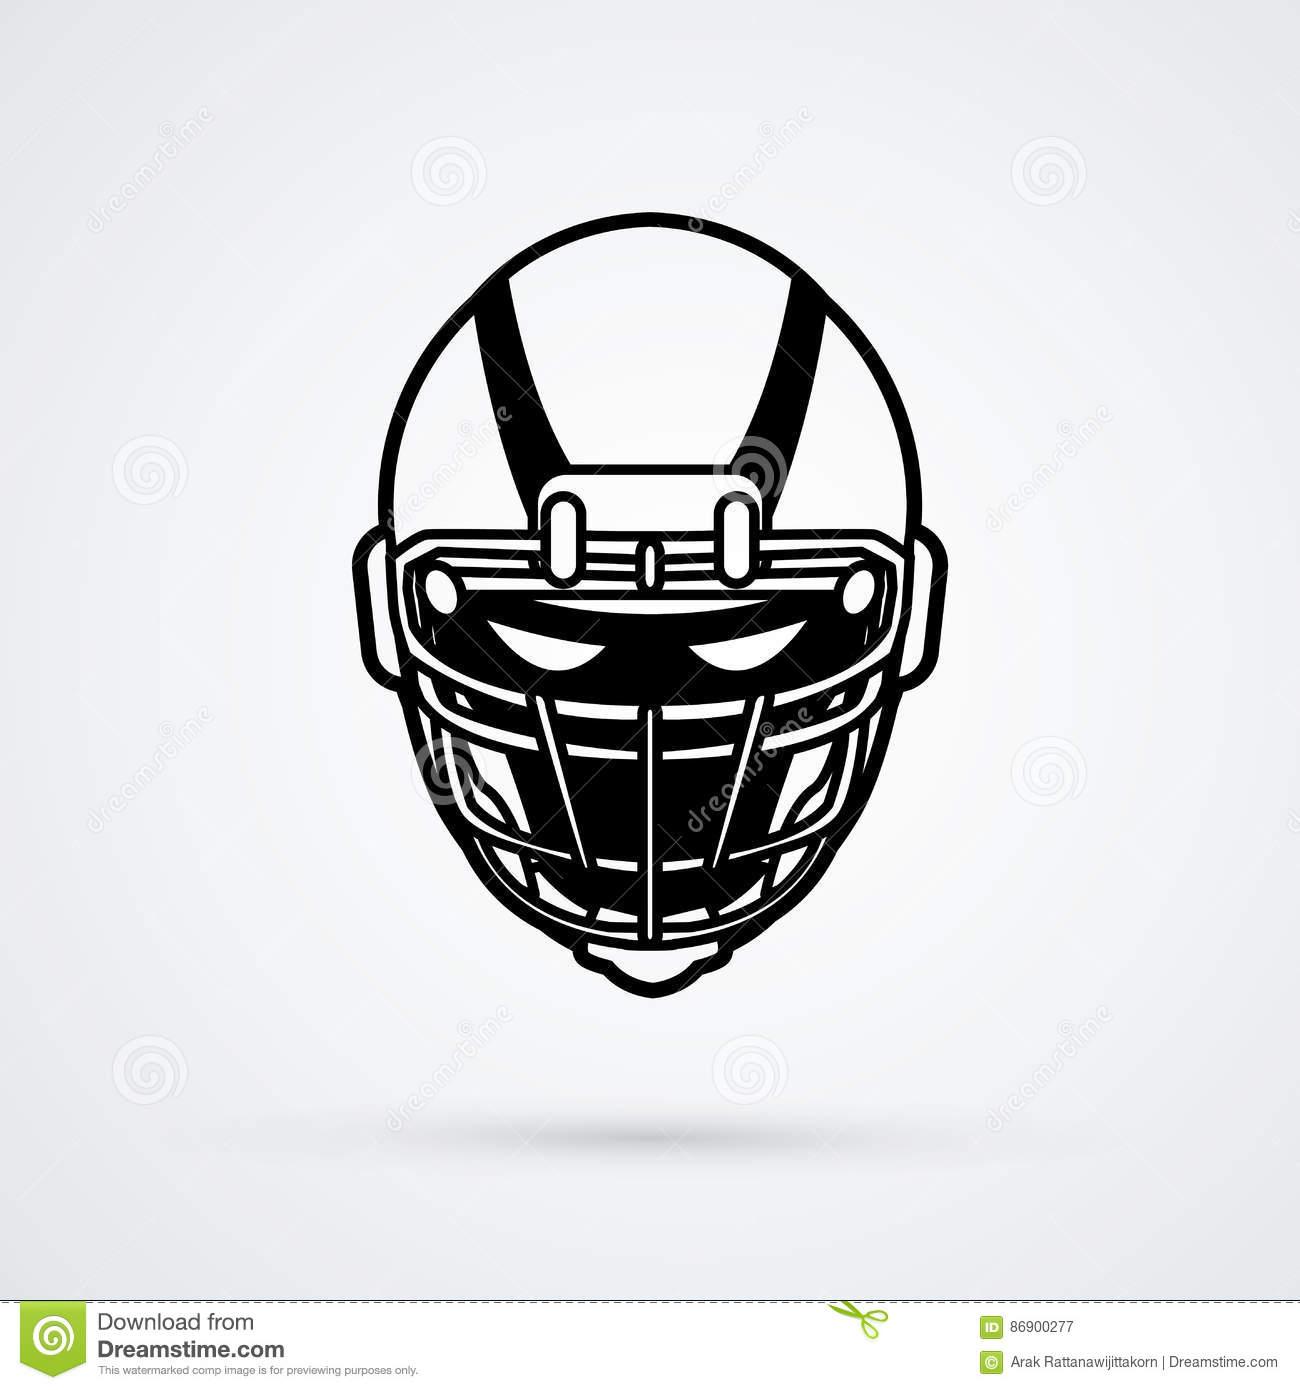 American football helmet stock vector. Illustration of.